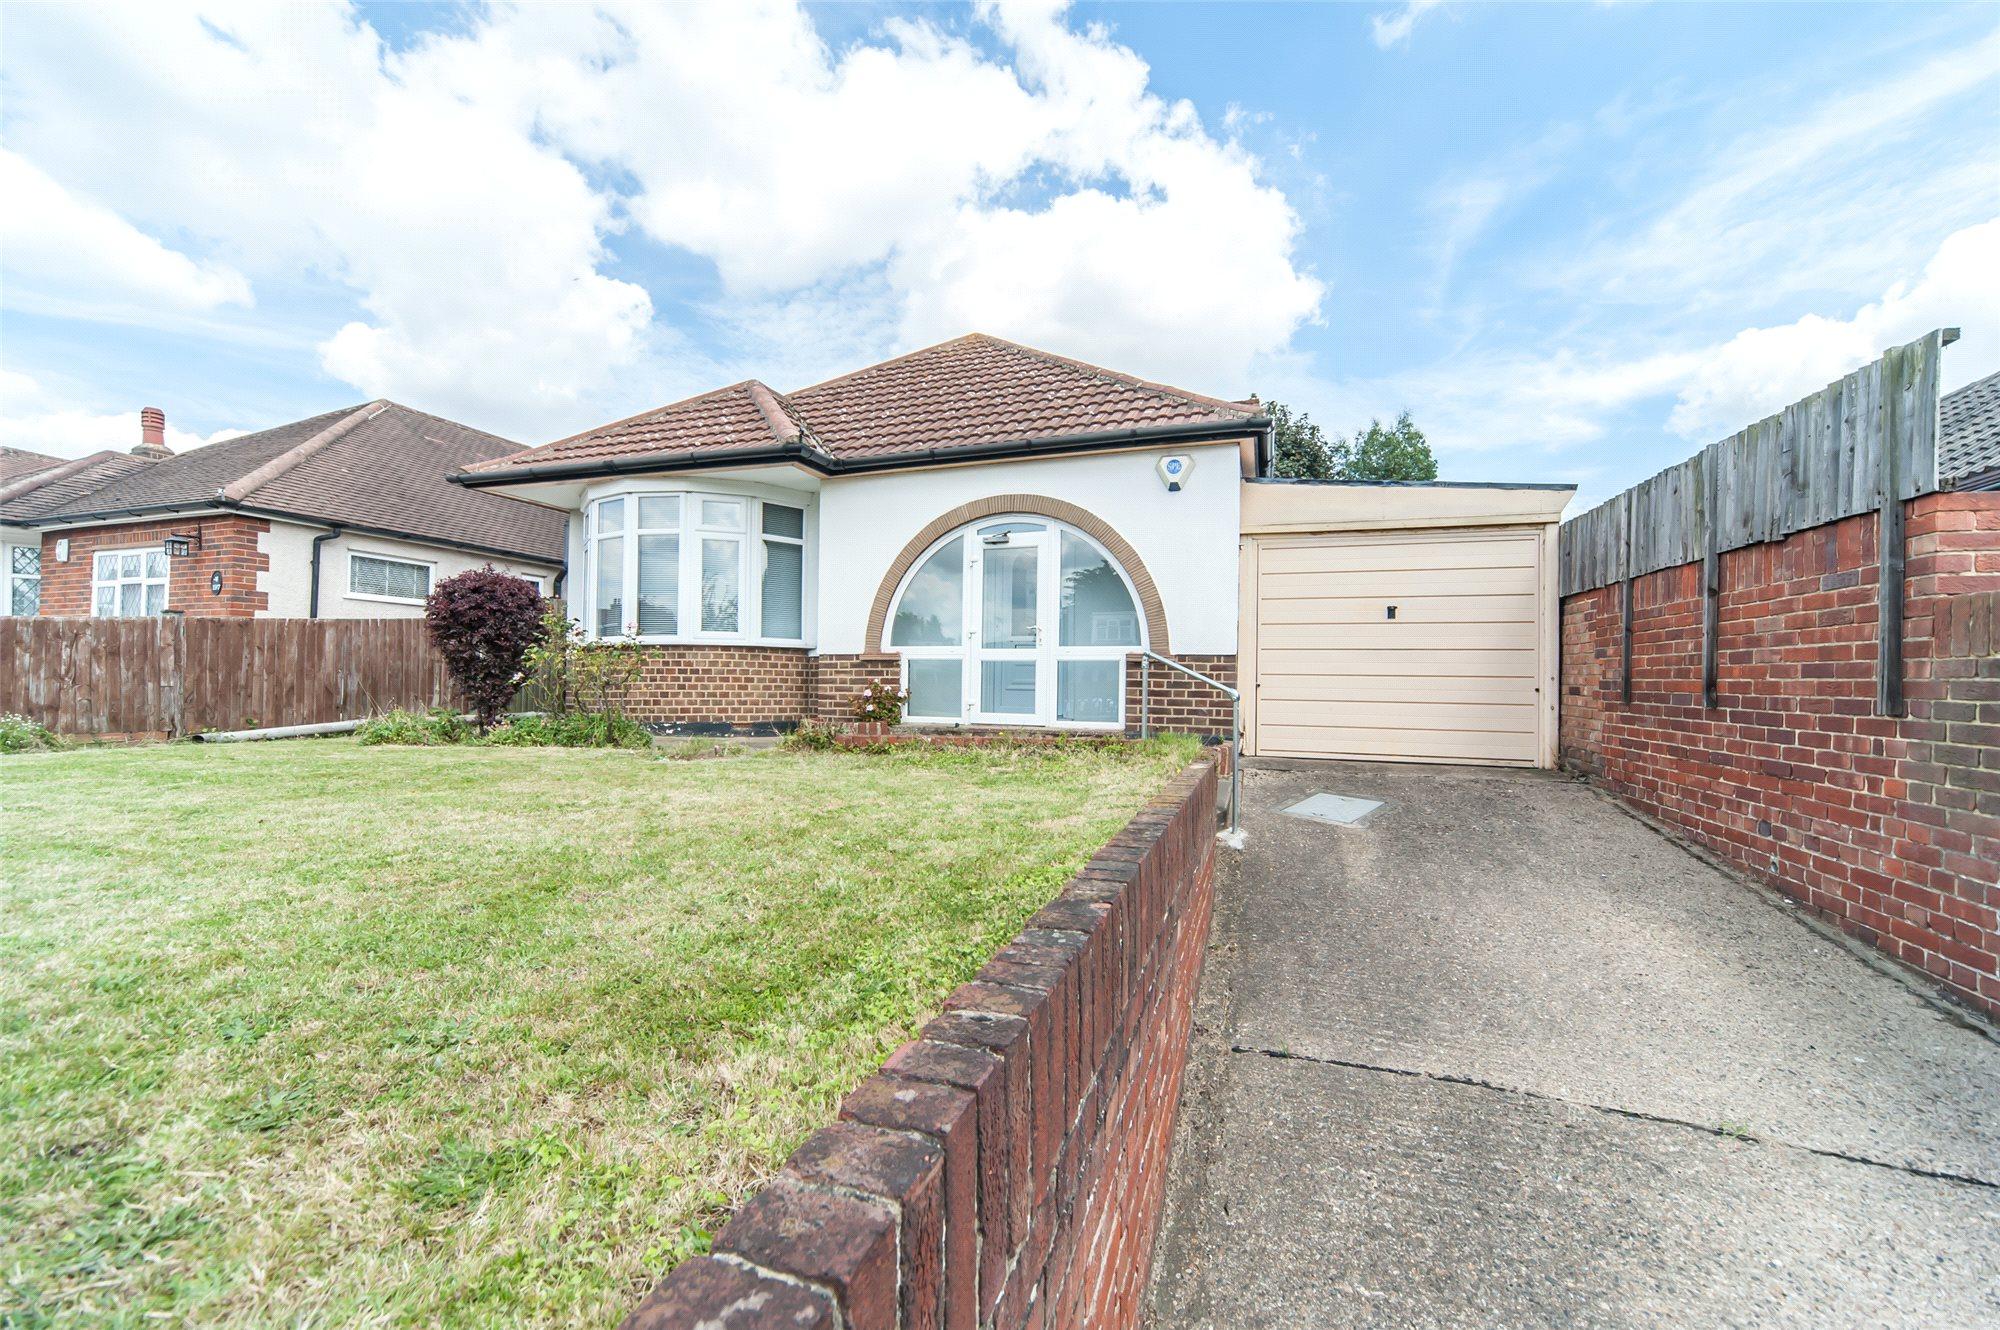 Upton Road, Bexley, Kent, DA5